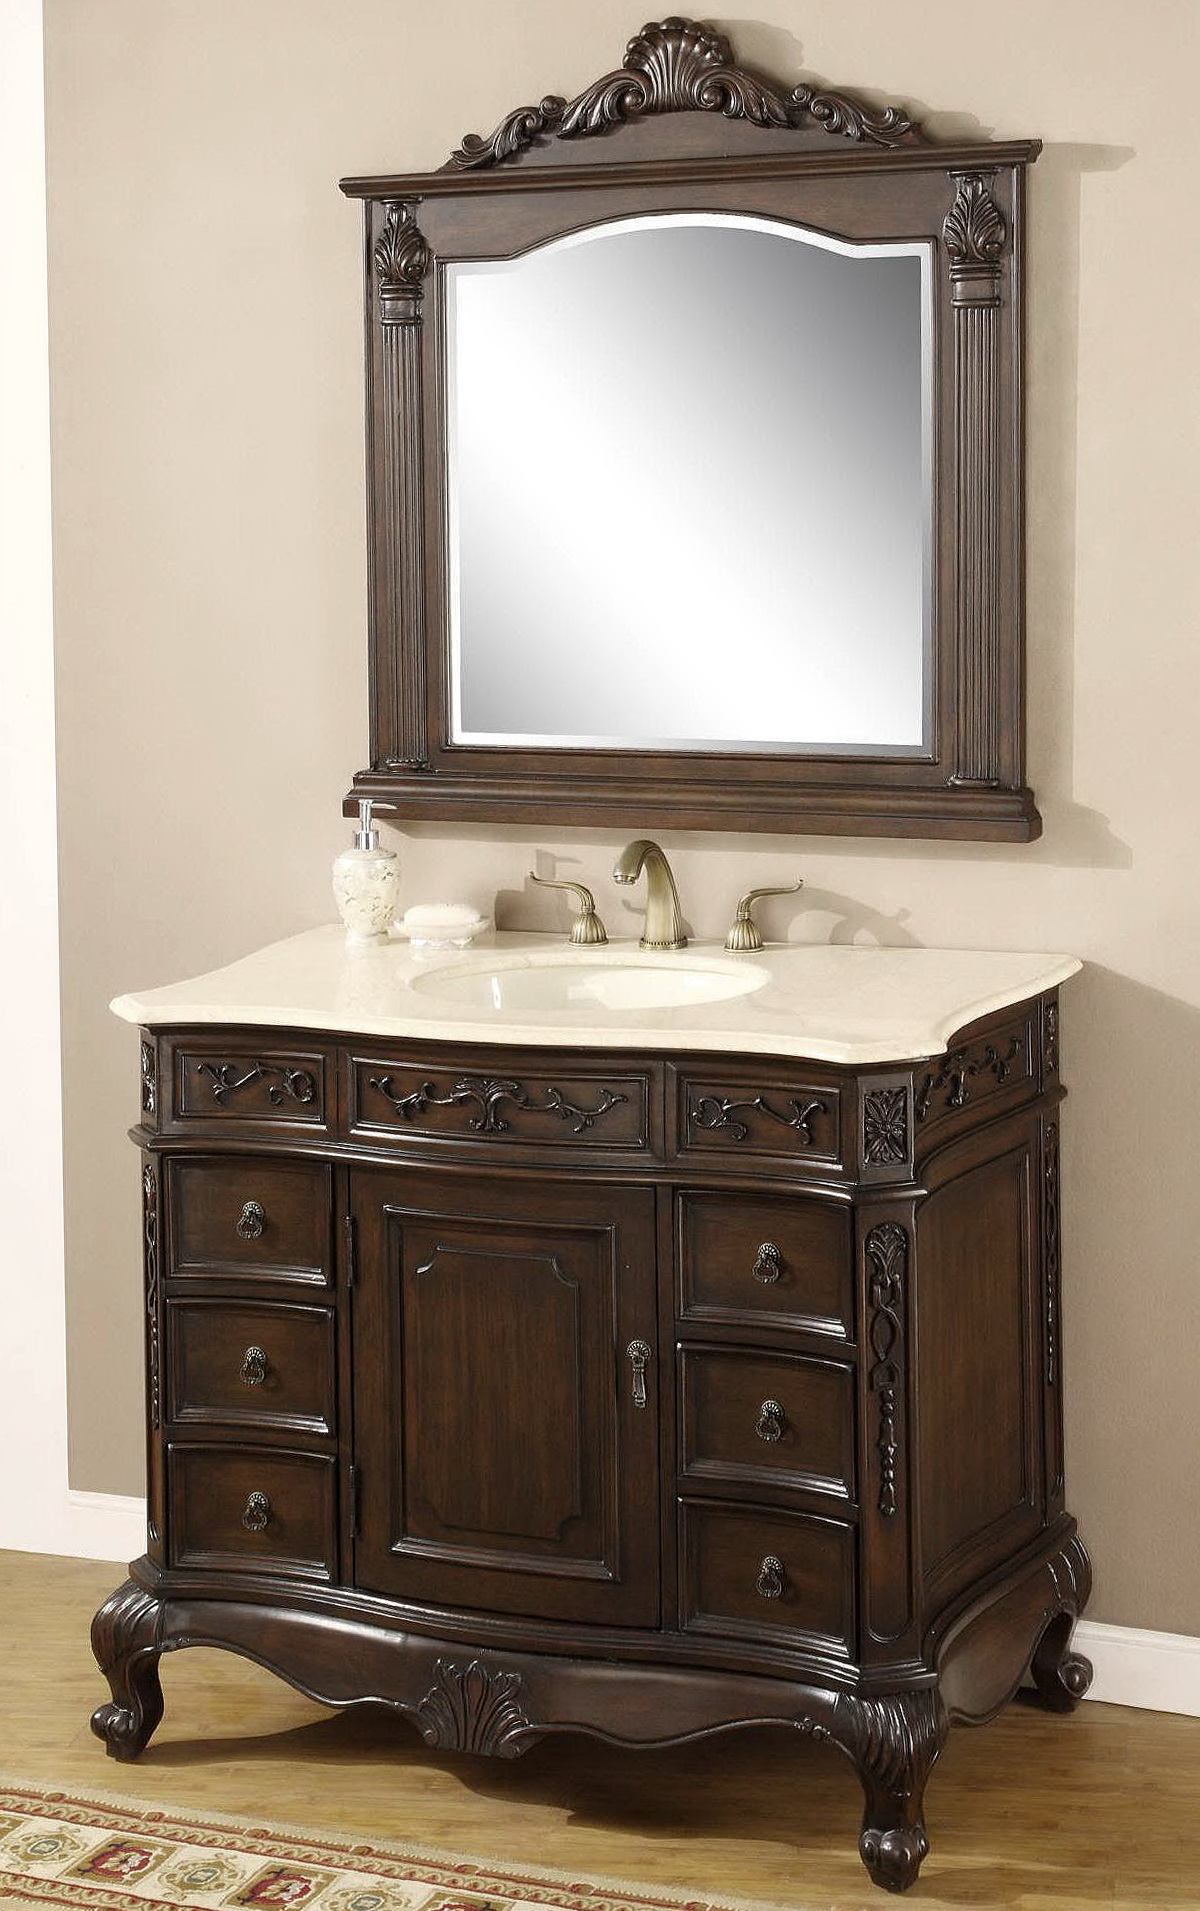 inch bath single monroe bathroom vanity gm vanities